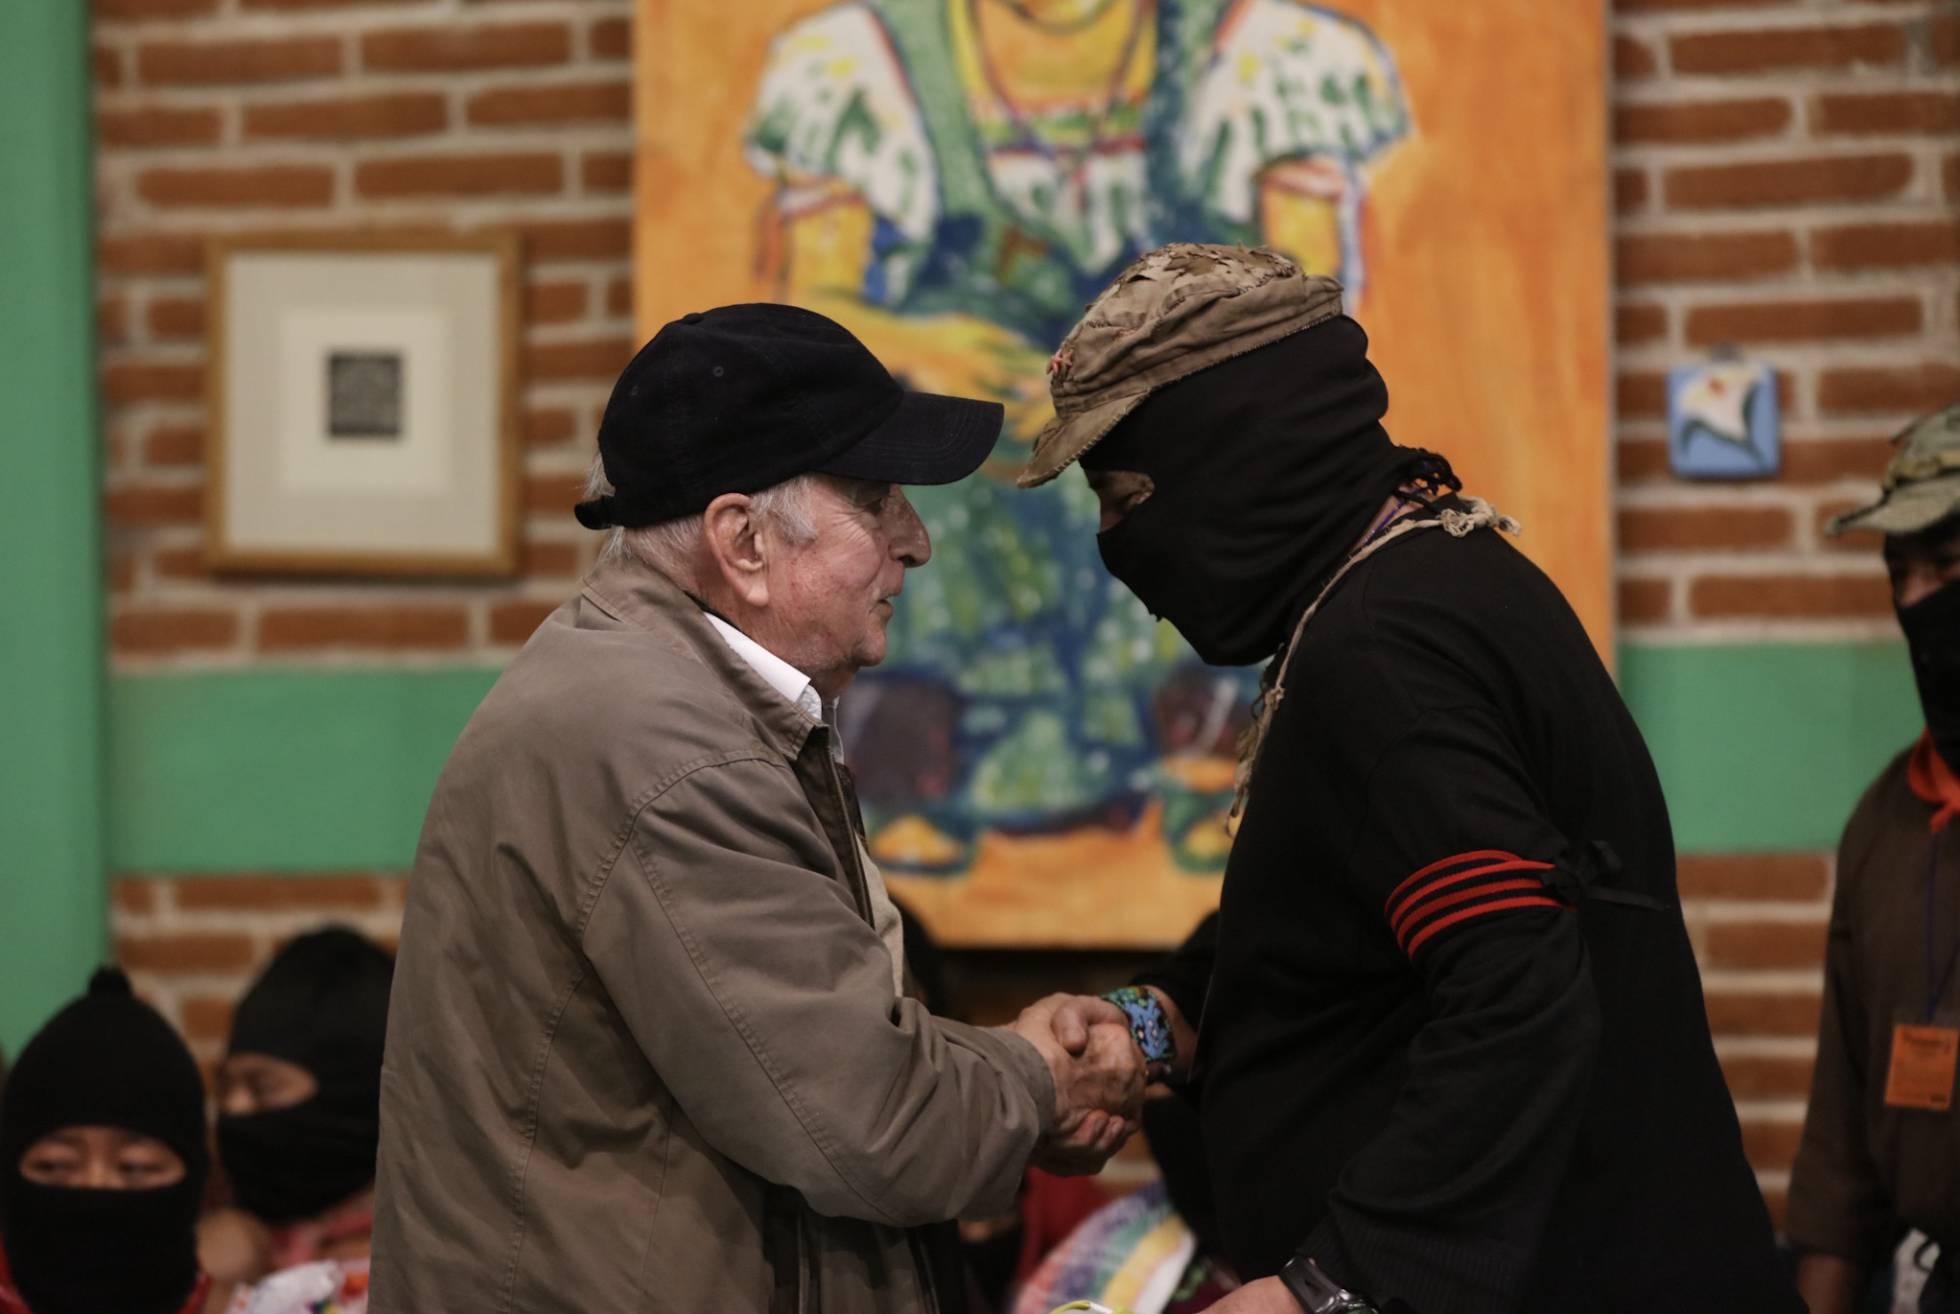 El movimiento indígena se resiste a abandonar el debate político mexicano